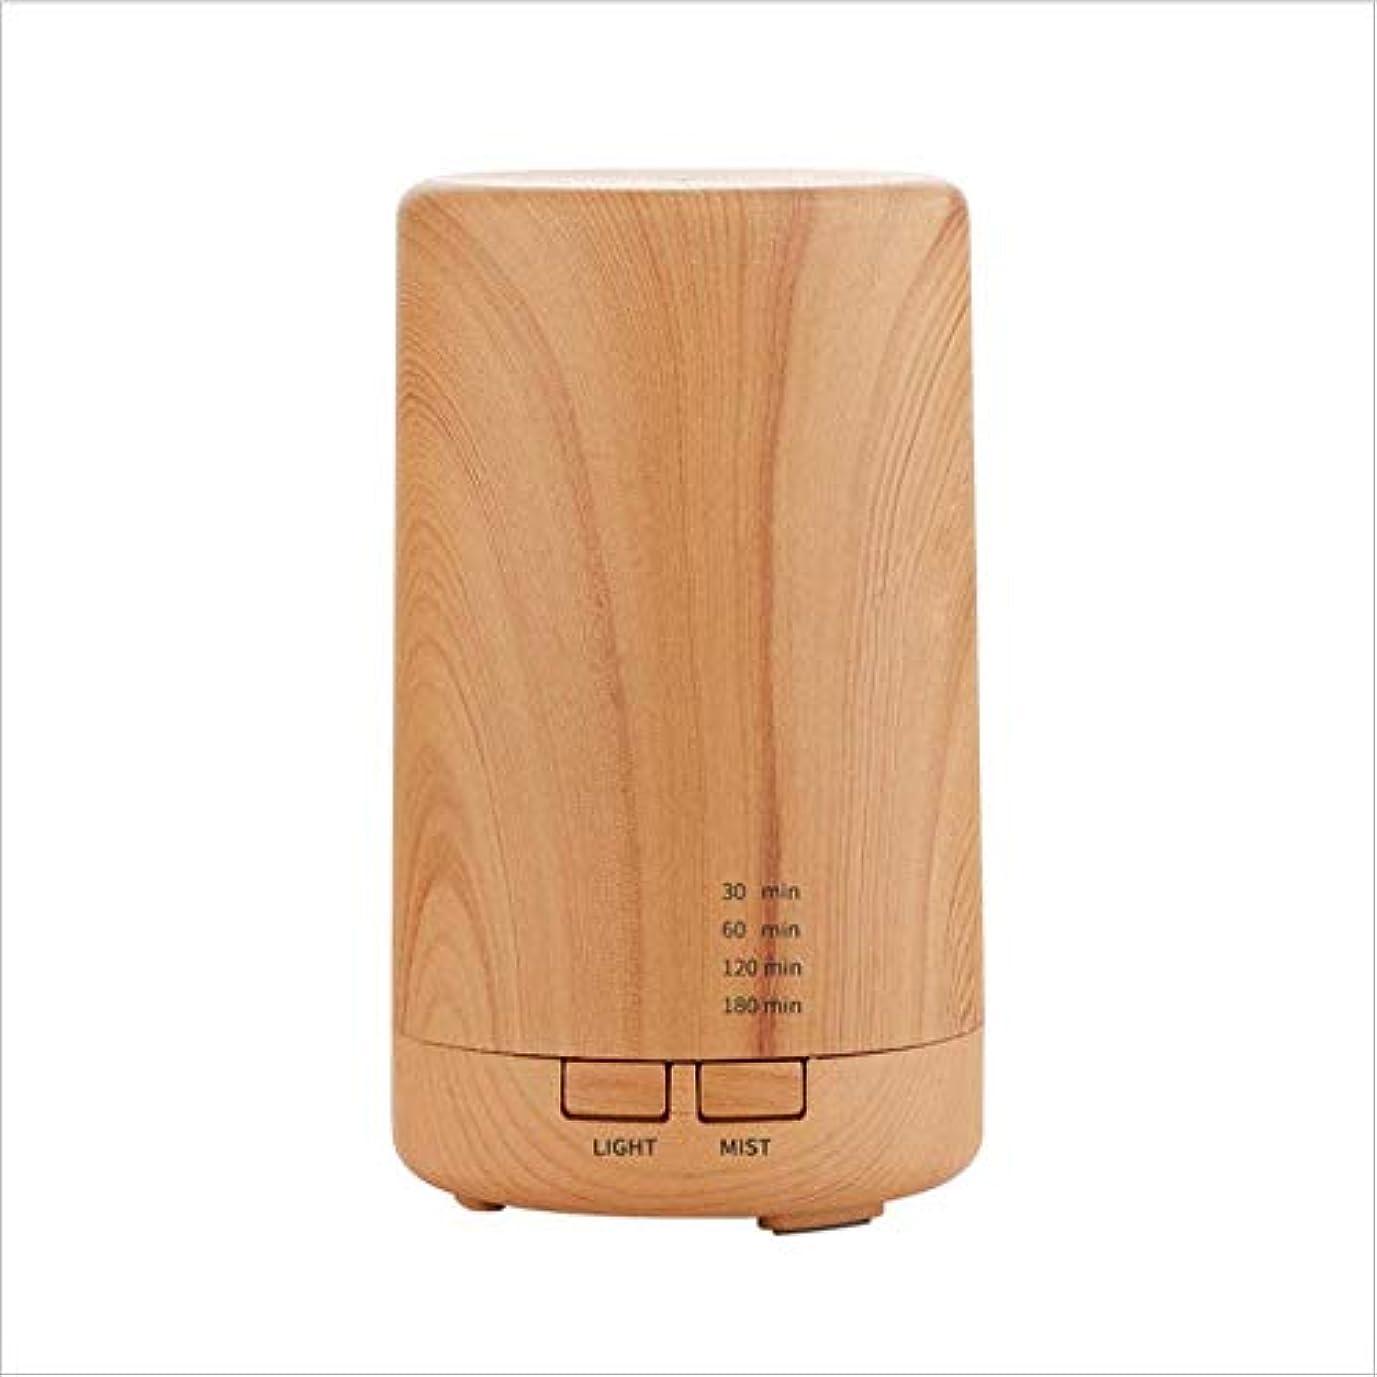 援助する配管転倒SOTCE アロマディフューザー加湿器超音波霧化技術ライトテラピー満足のいく解決策の美しい装飾 (Color : Wood)